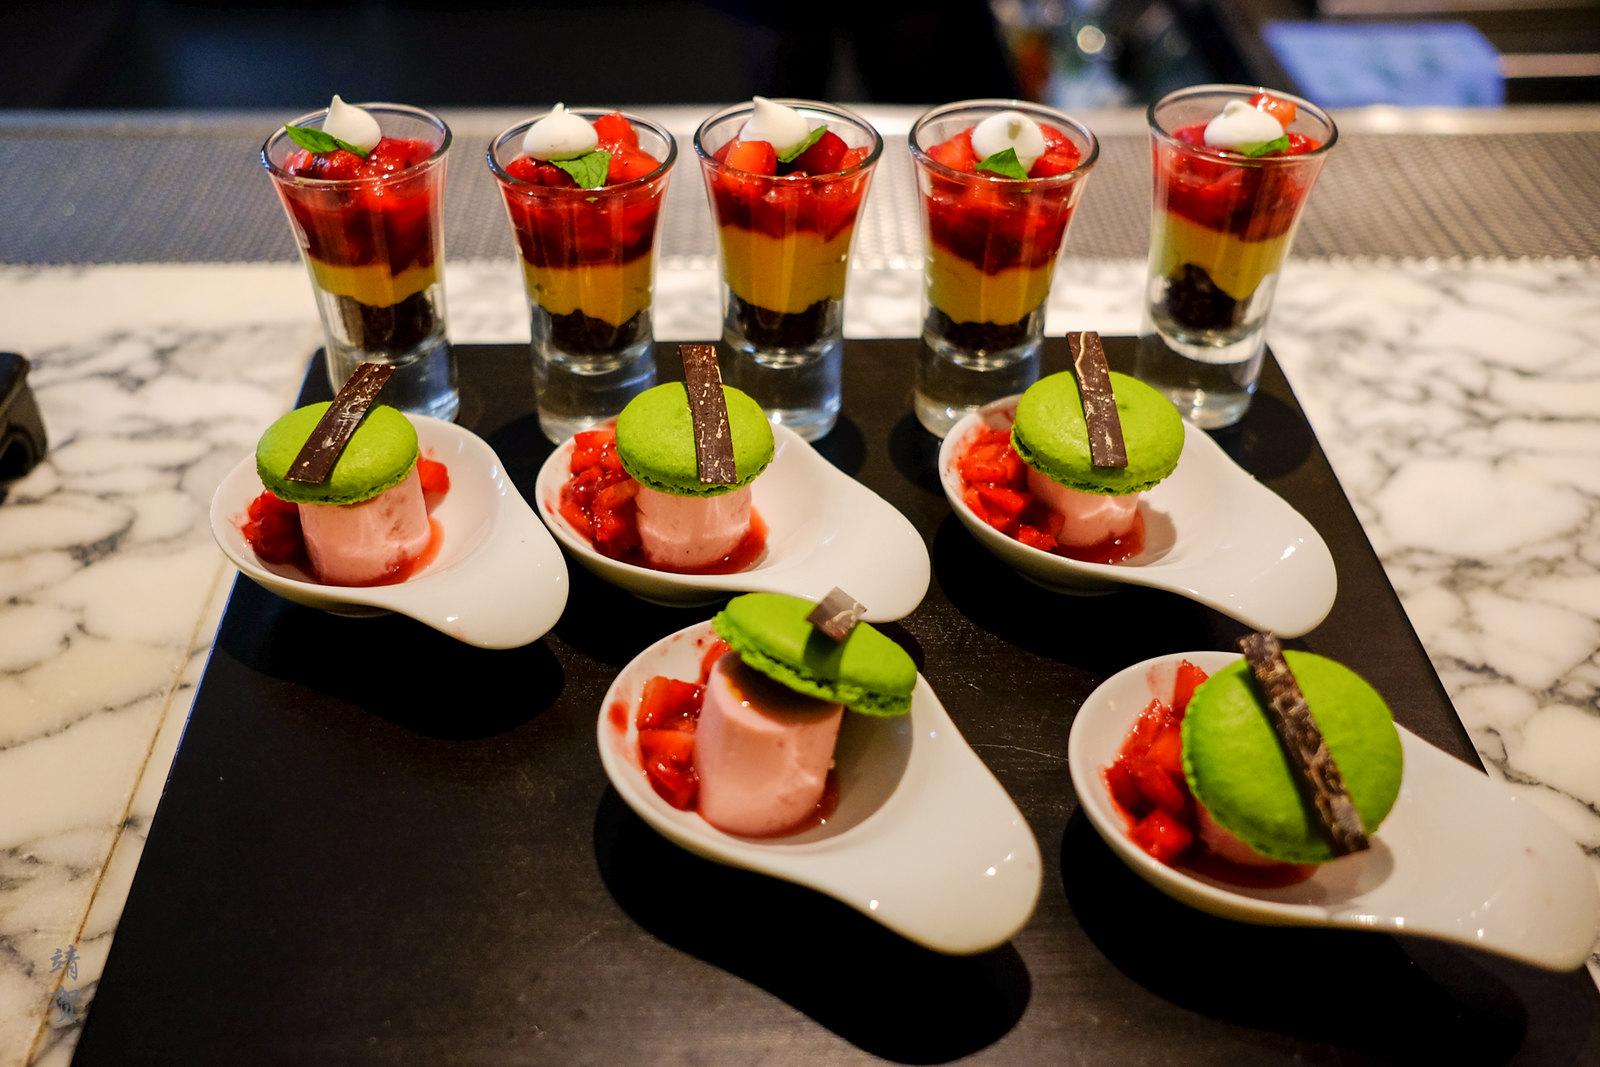 Opera de Pistachio and Strawberry parfait